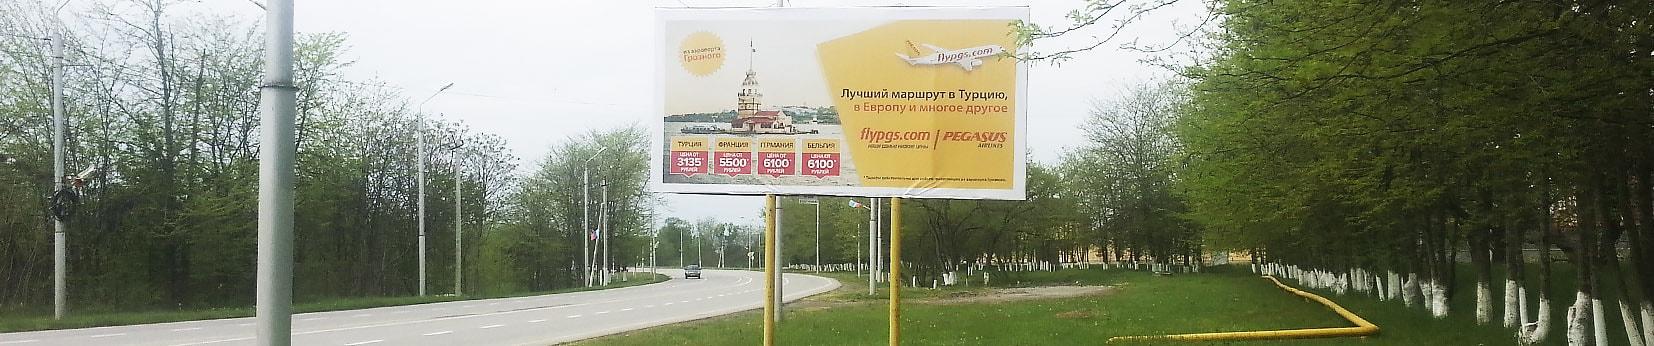 Реклама размещение наружная 3х6